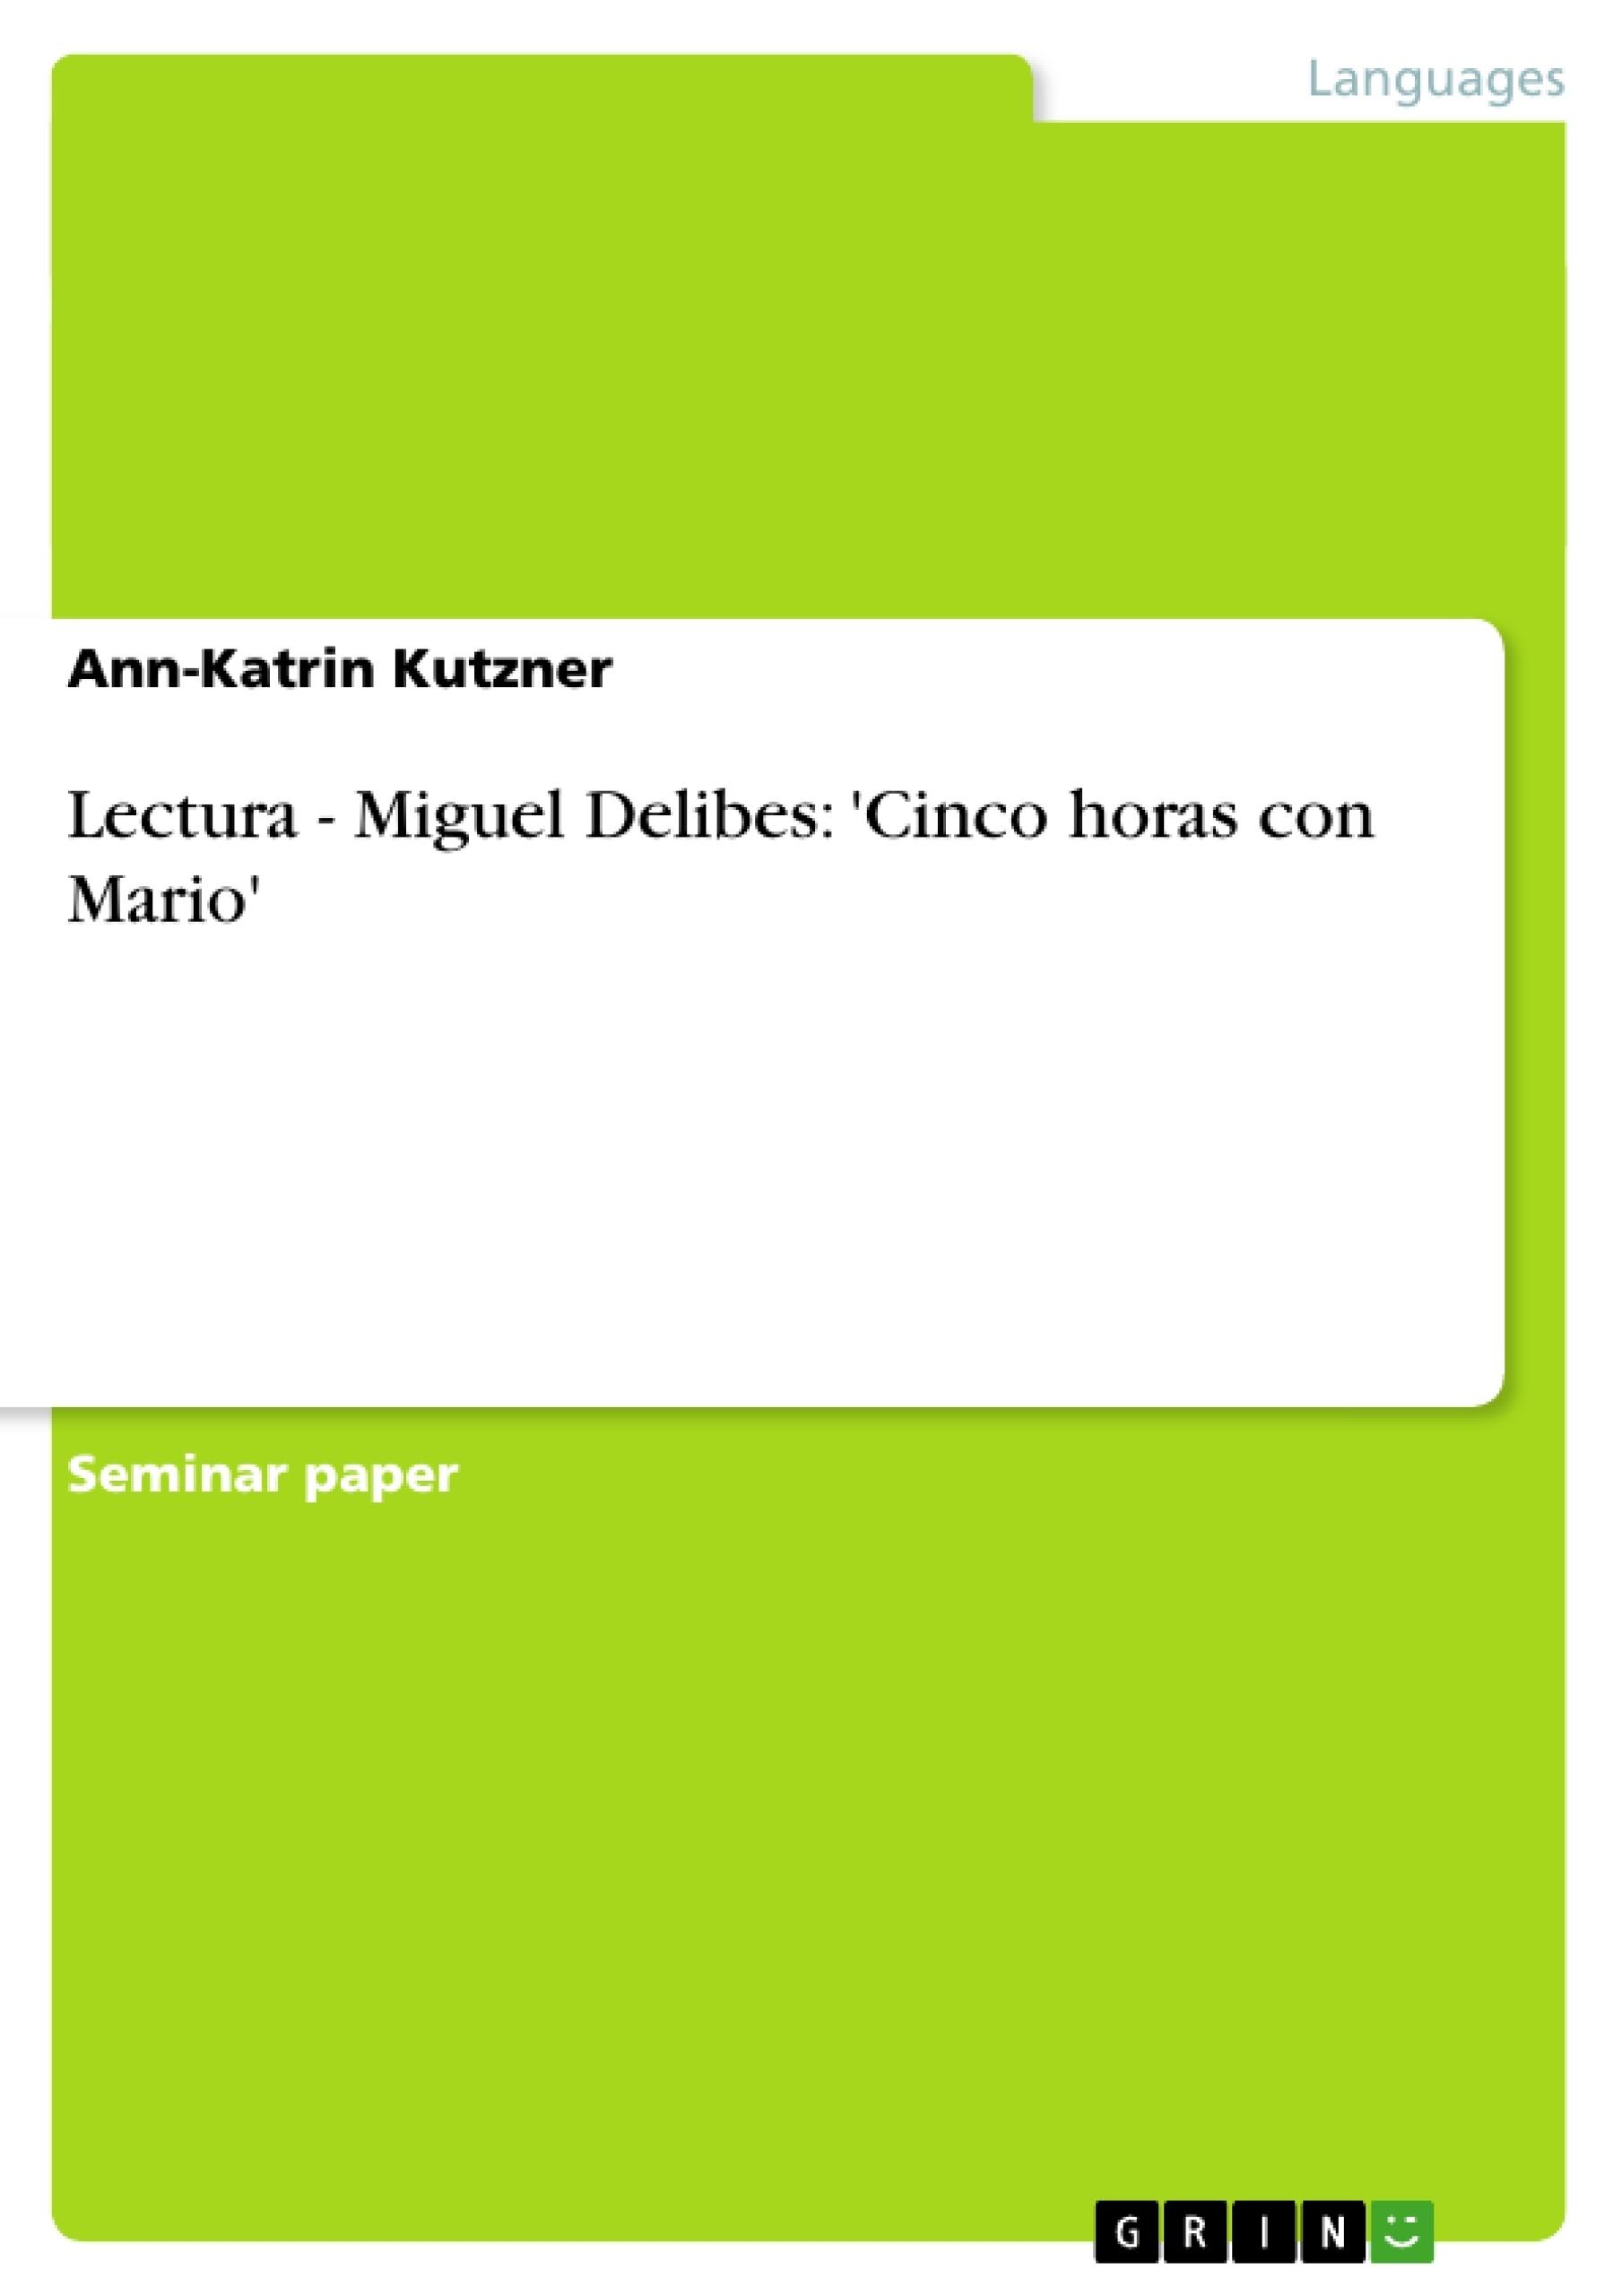 Título: Lectura - Miguel Delibes: 'Cinco horas con Mario'